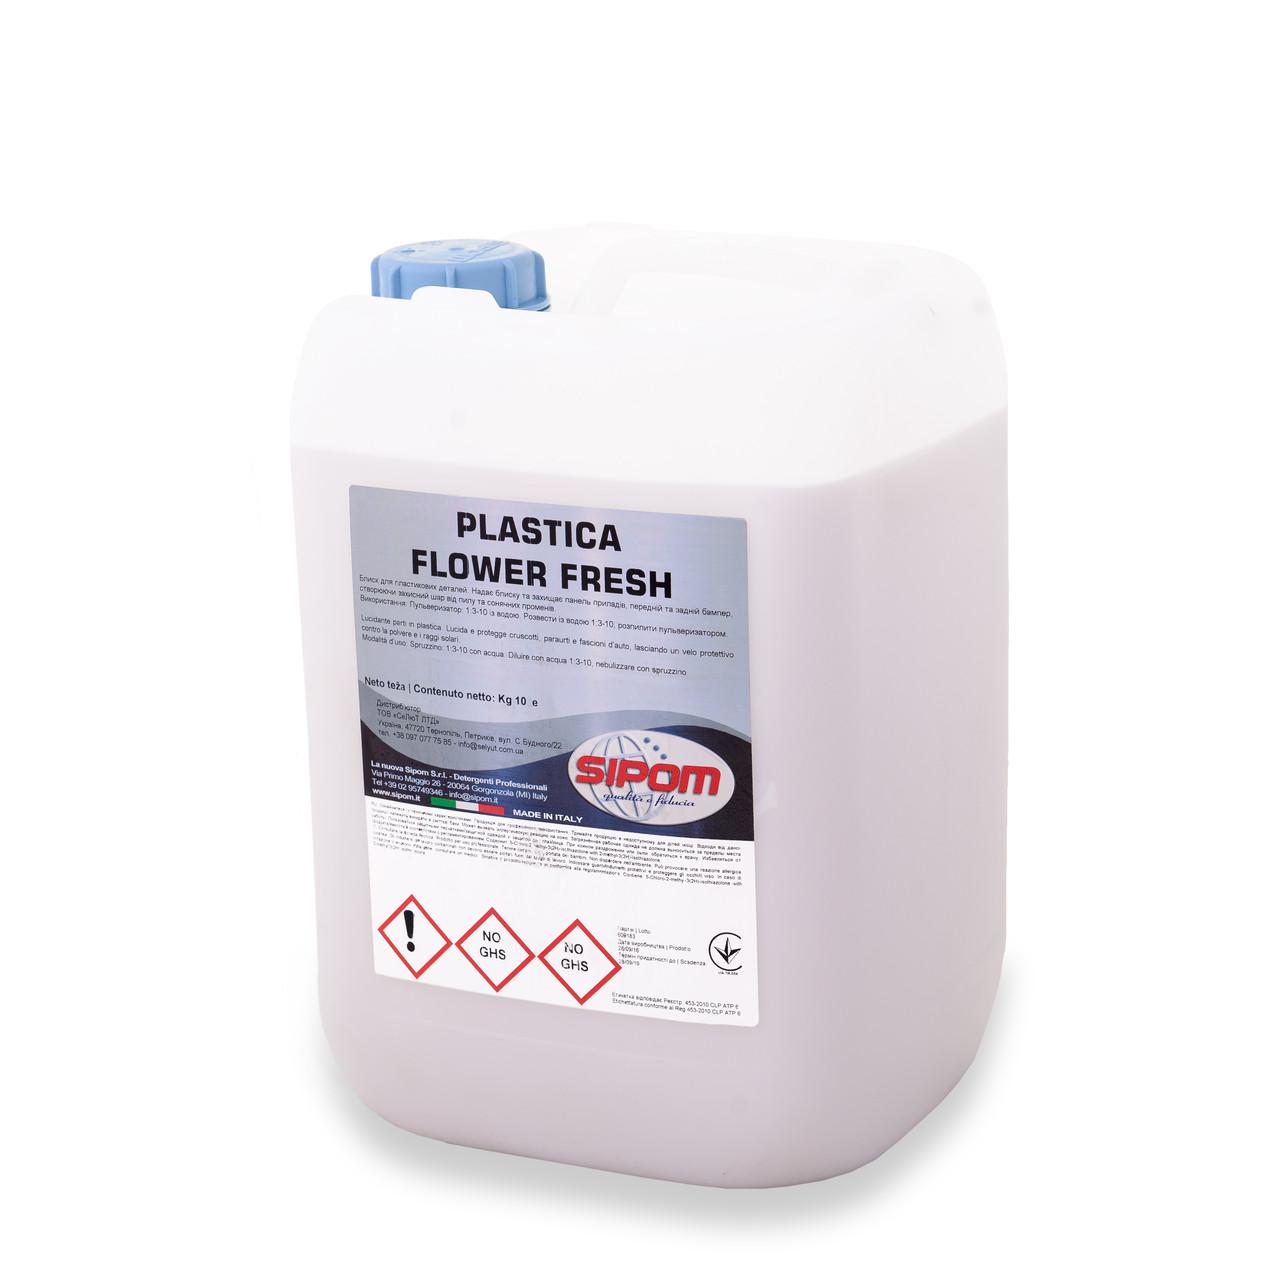 Полироль для пластиковый деталей Sipom PLASTICA  Flower Fresh